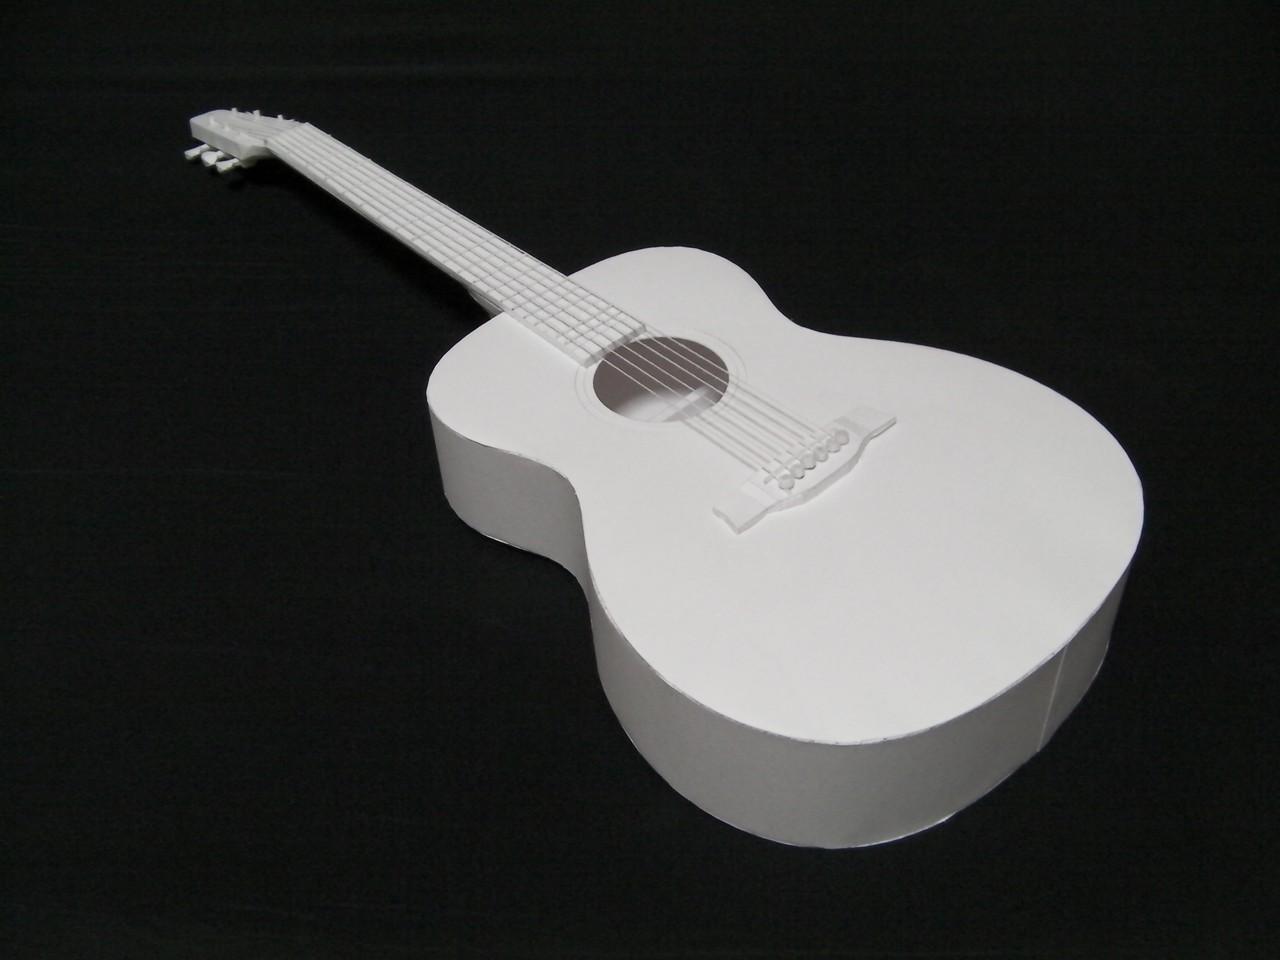 guitar_b010.jpg